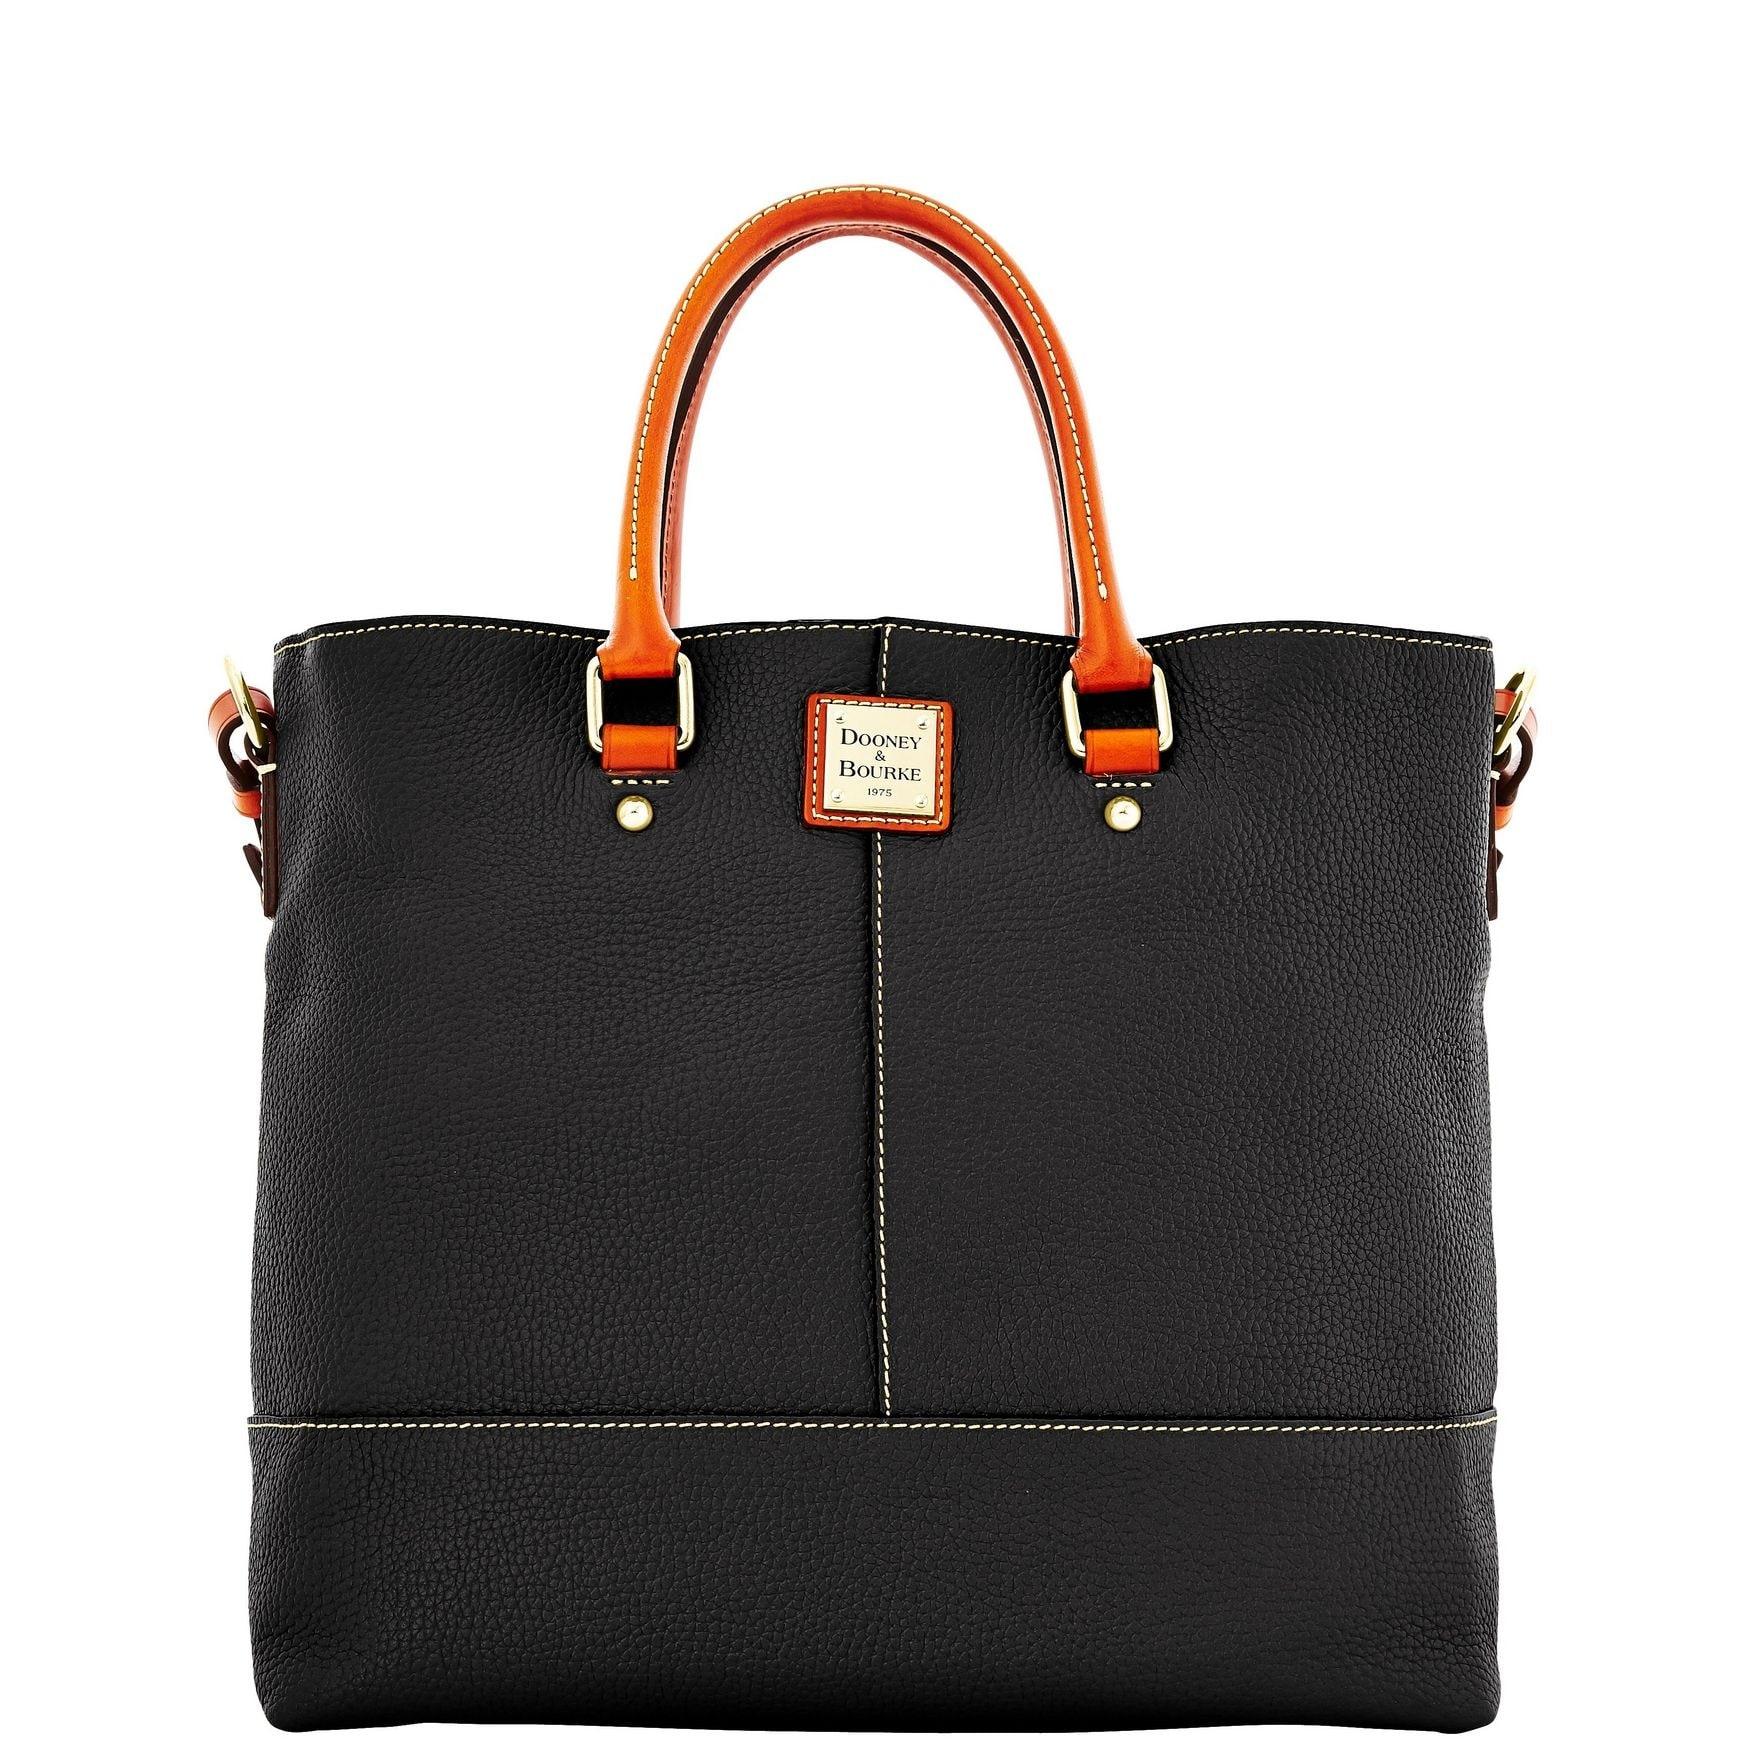 Online Online Designer Designer At Overstock Designer Online HandbagsShop HandbagsShop HandbagsShop At Overstock RL4A35j